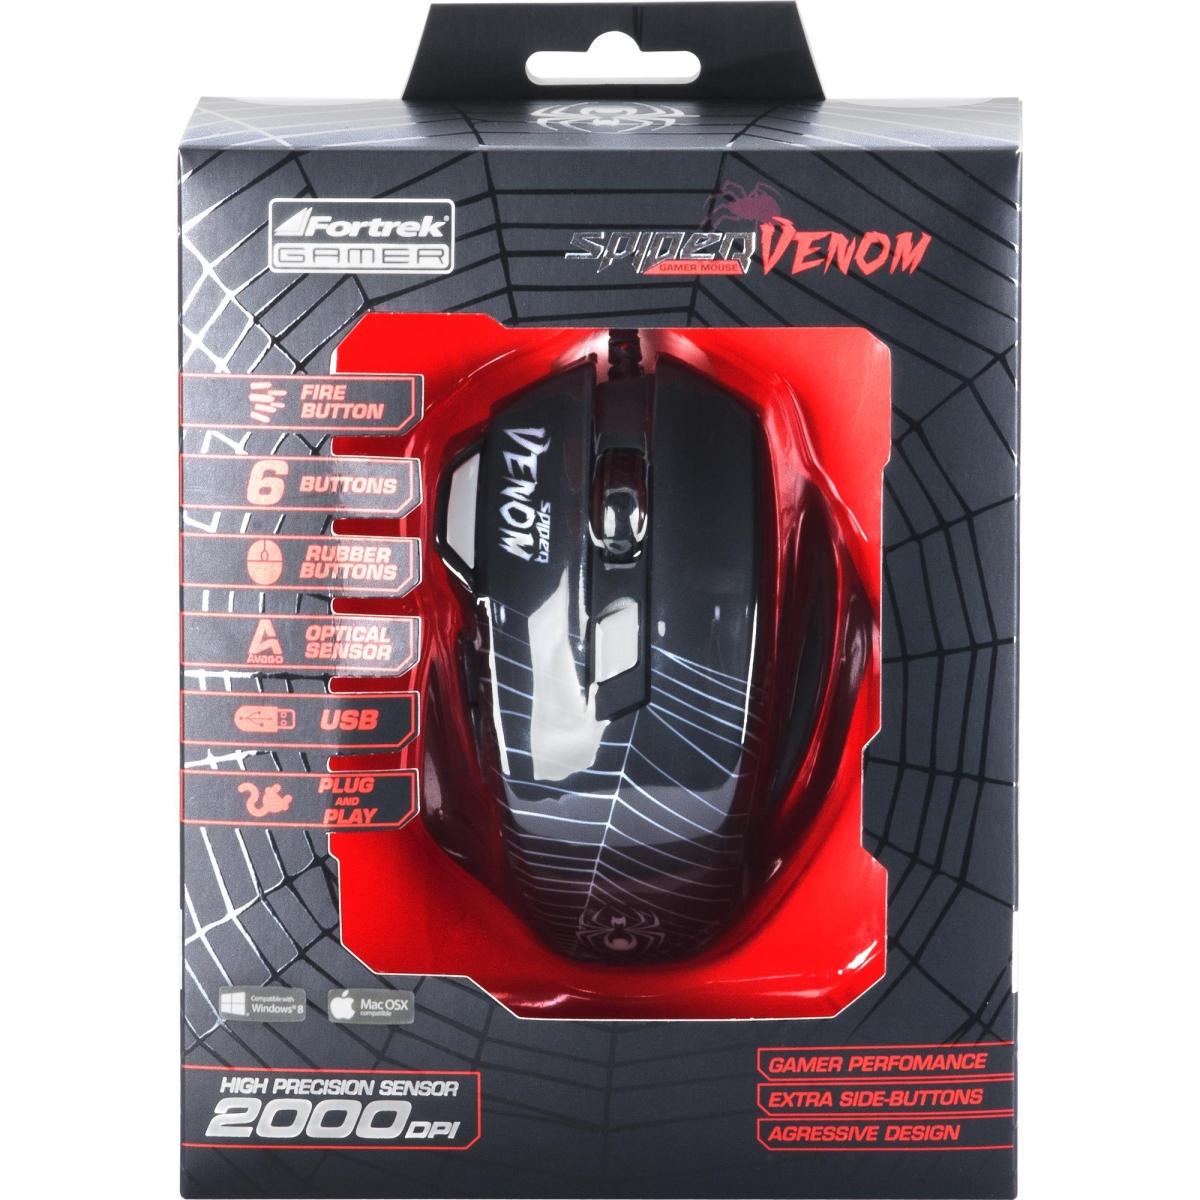 Mouse Gamer FORTREK SPIDER VENOM OM-704 7 BOTÕES 2000 DPI Black/Red